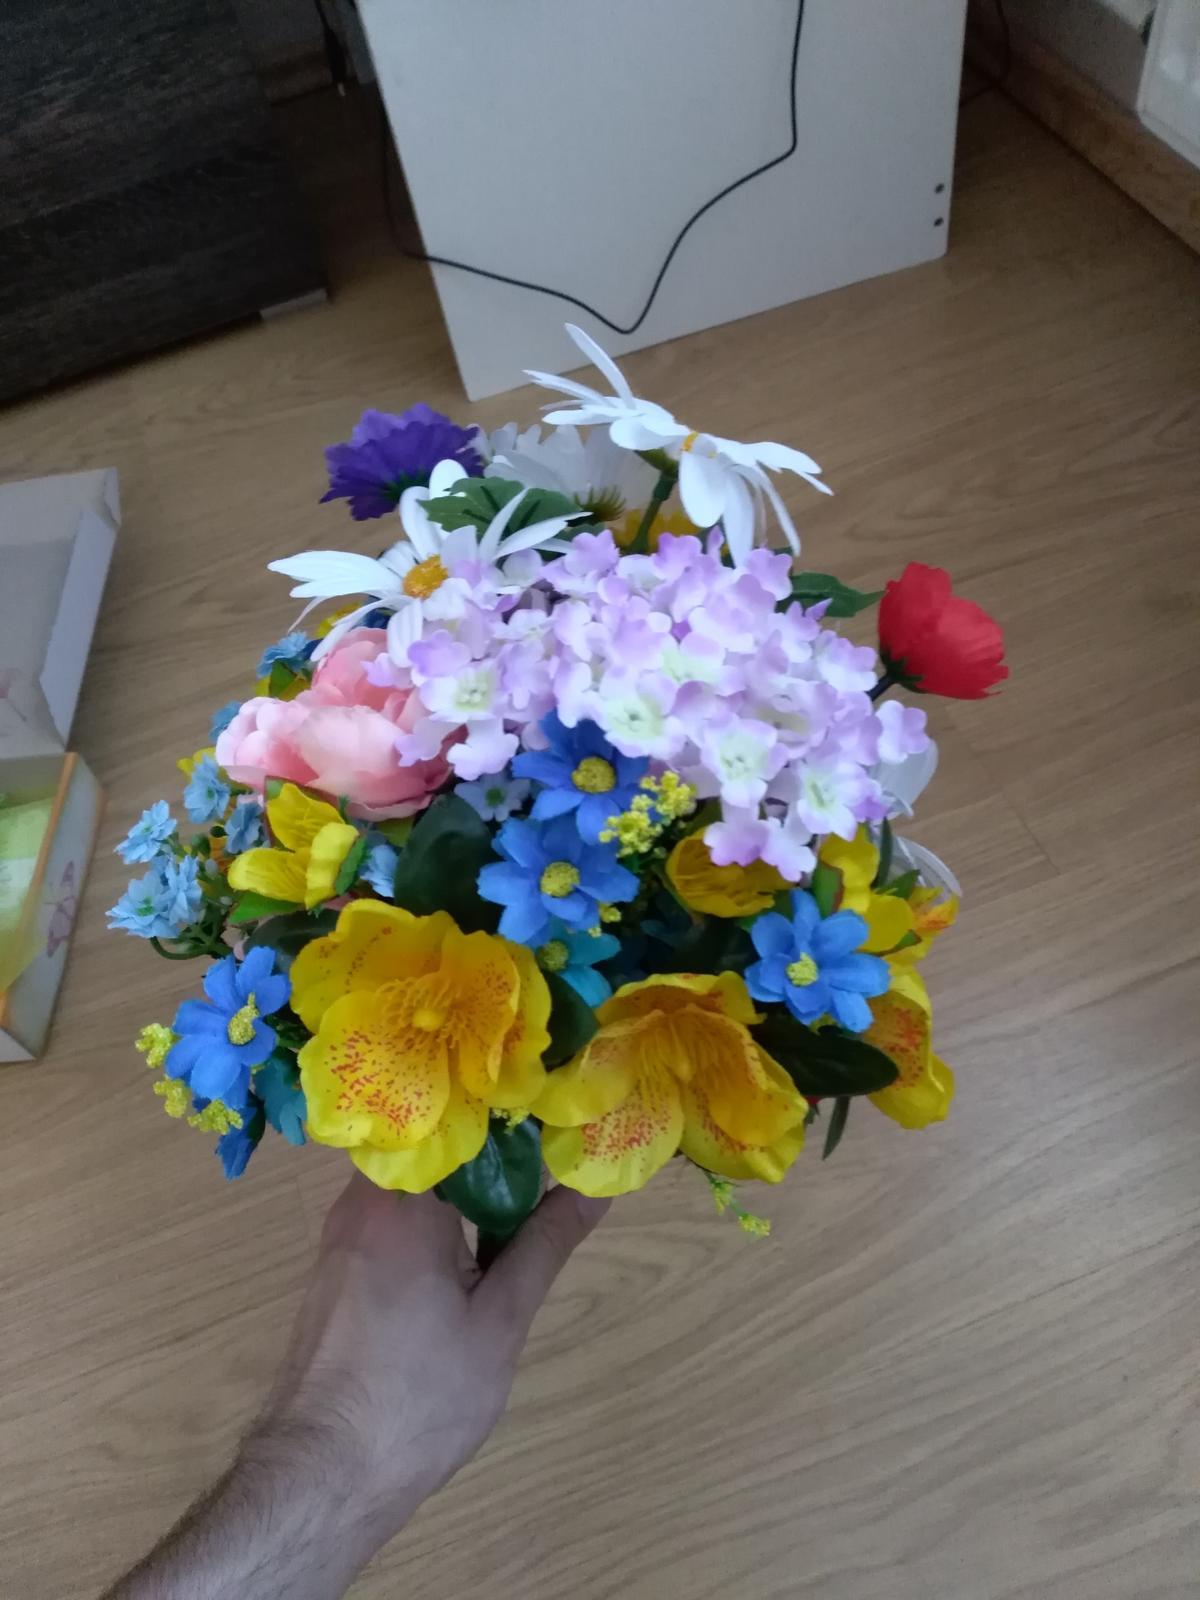 kytice z umelých kvetov - Obrázok č. 2